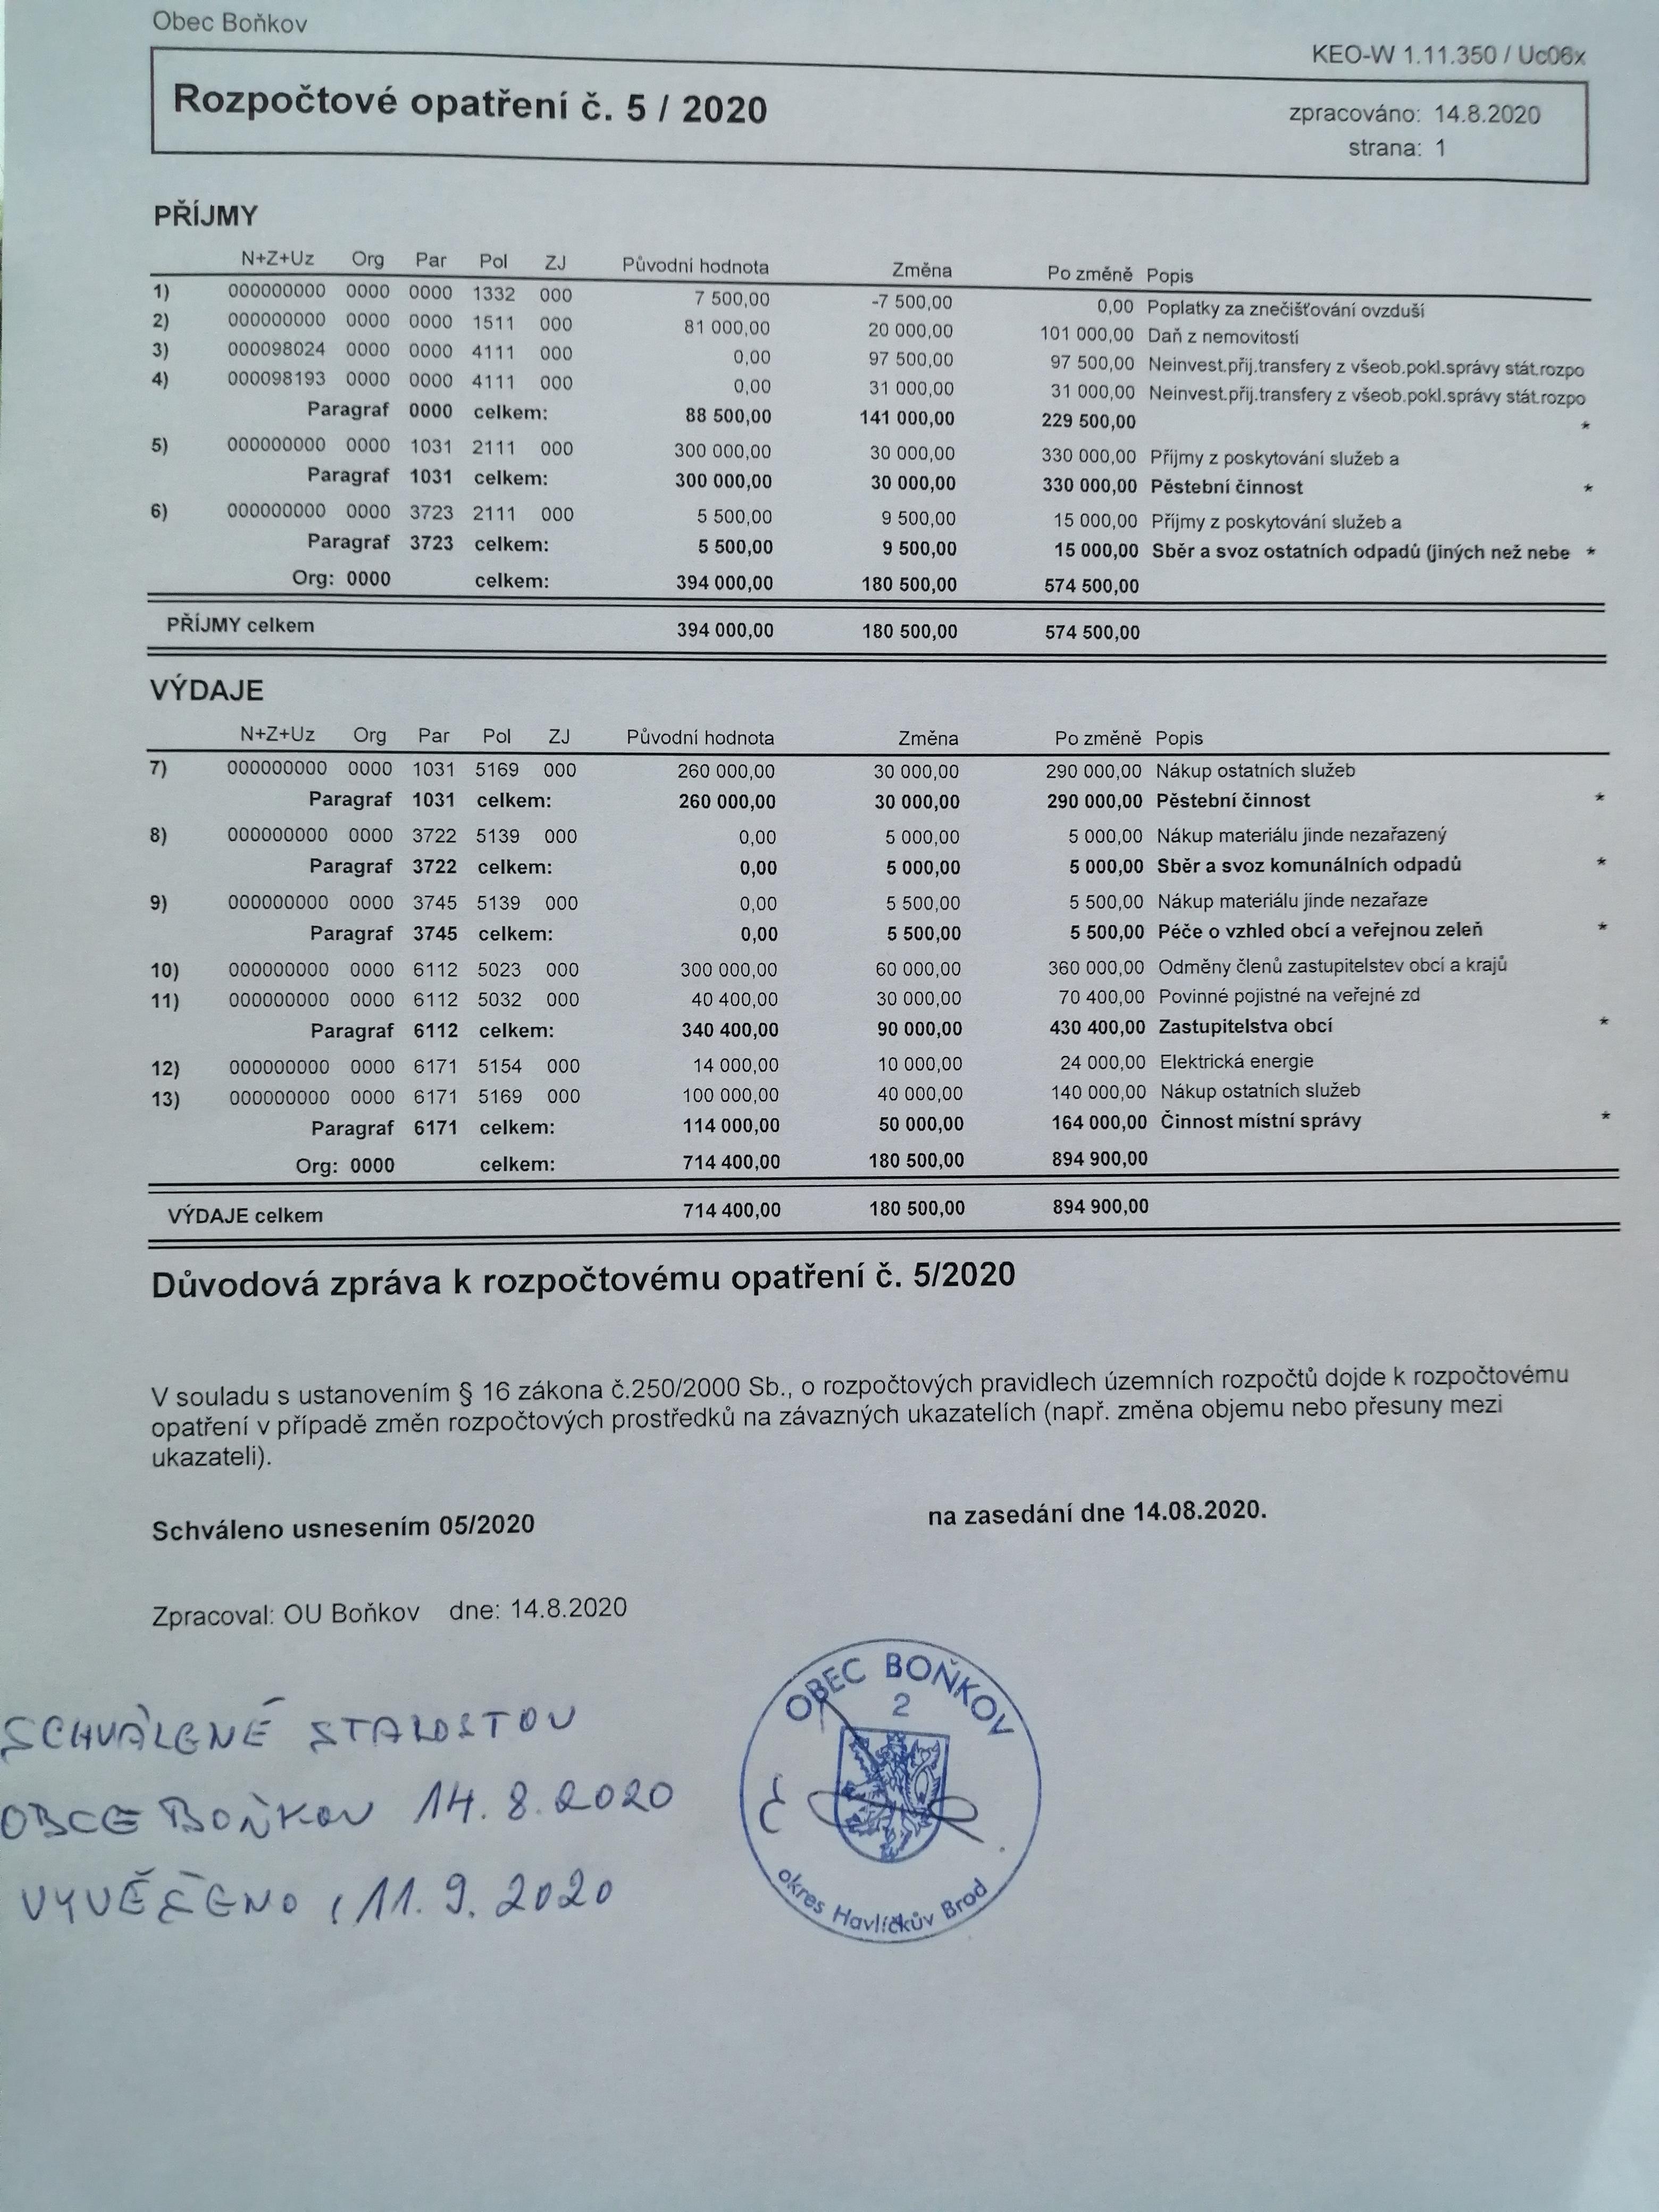 Rozpočtové opatření č. 5/2020